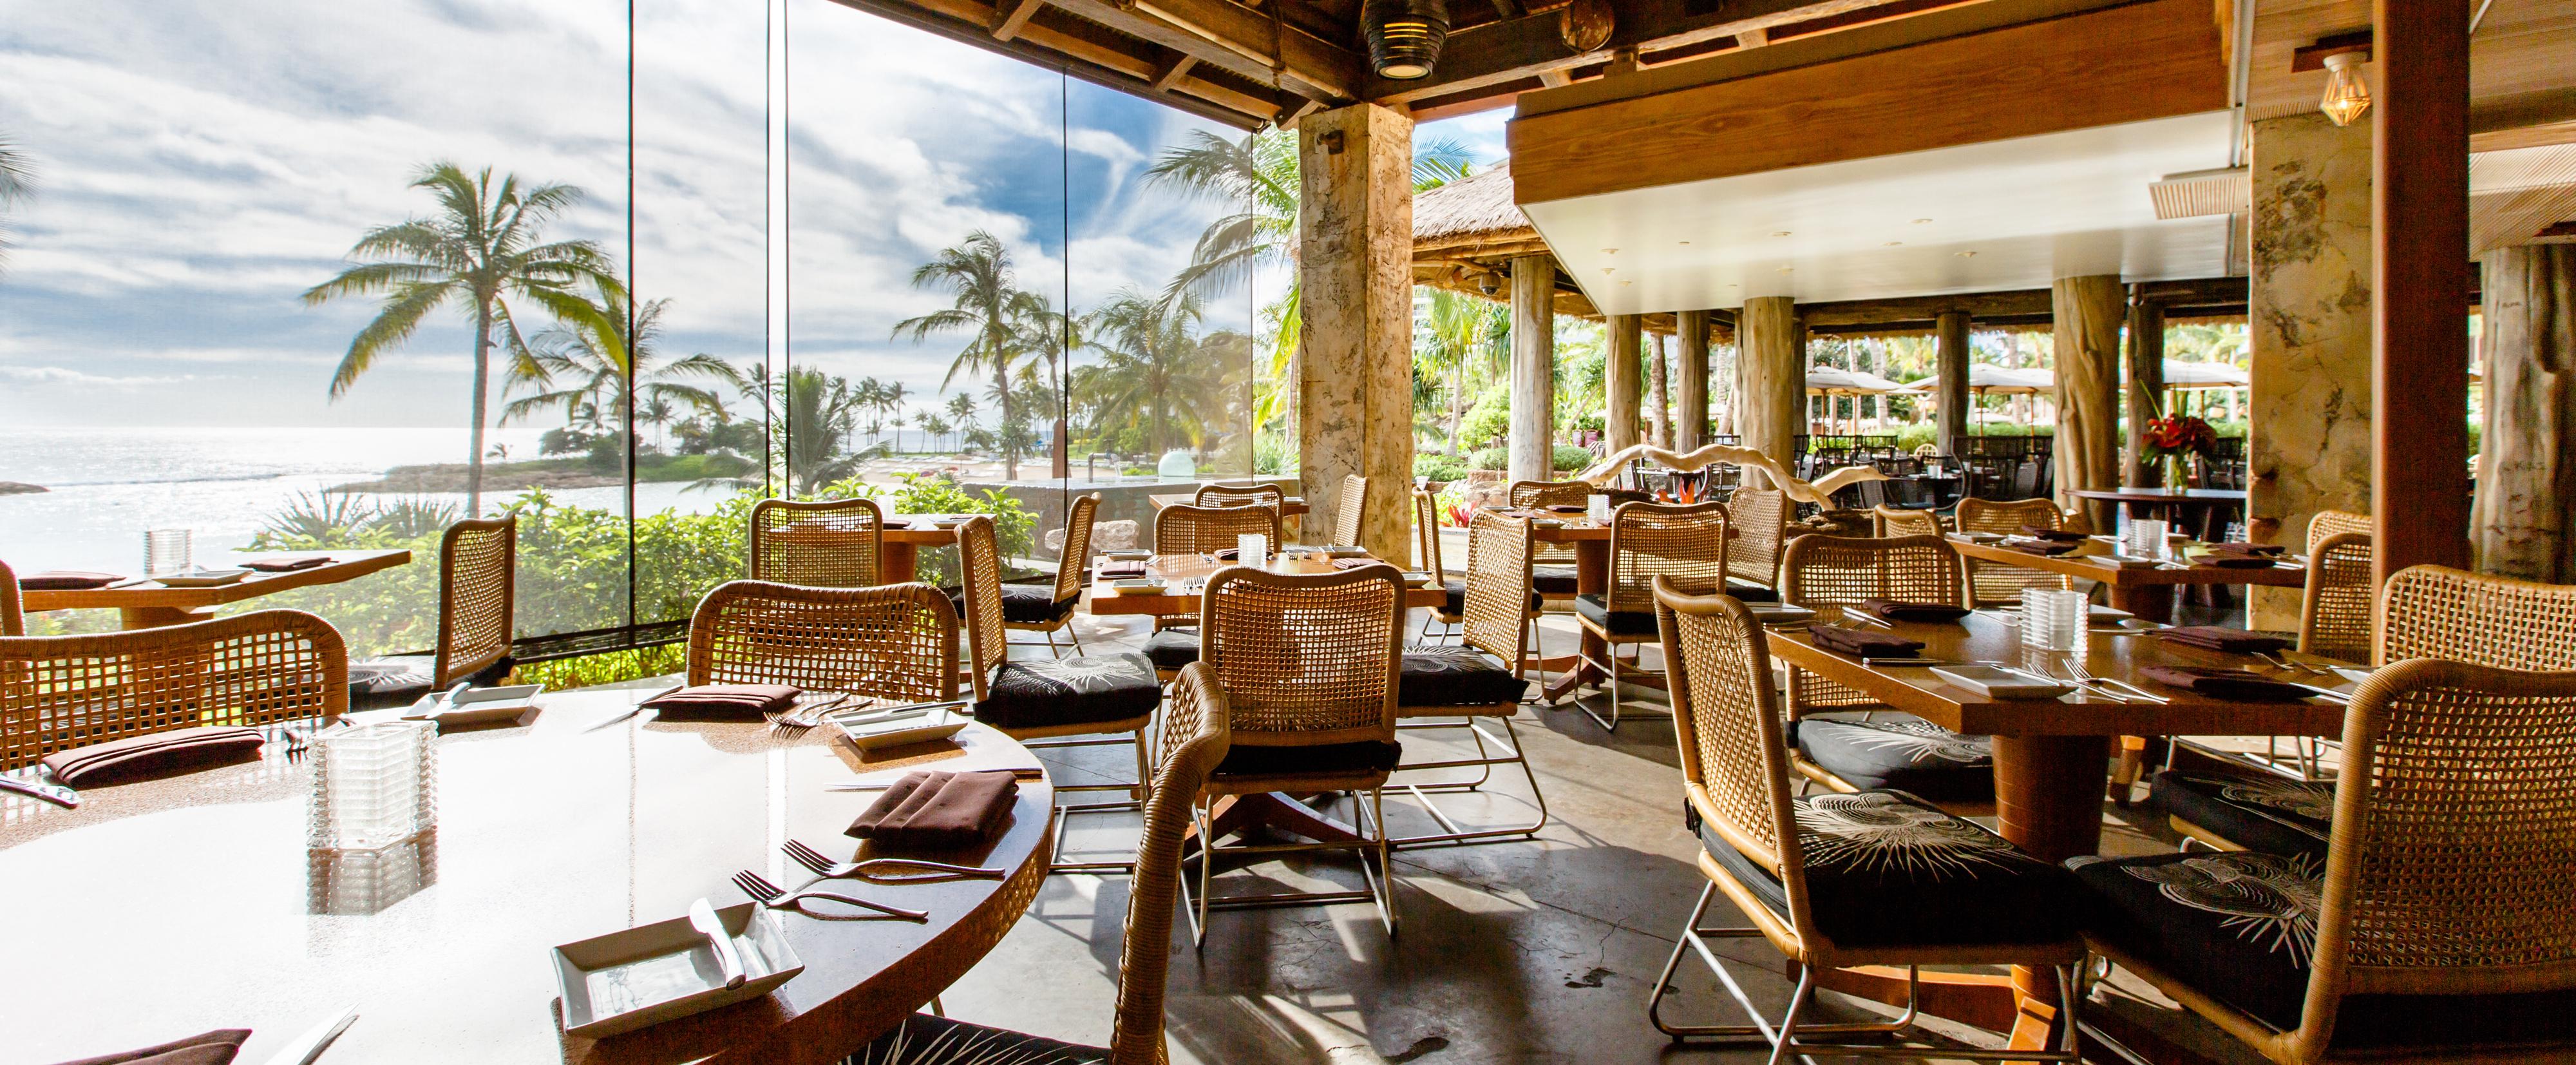 AMAAMA Hawaiian Cuisine Restaurant | Aulani Hawaii Resort & Spa